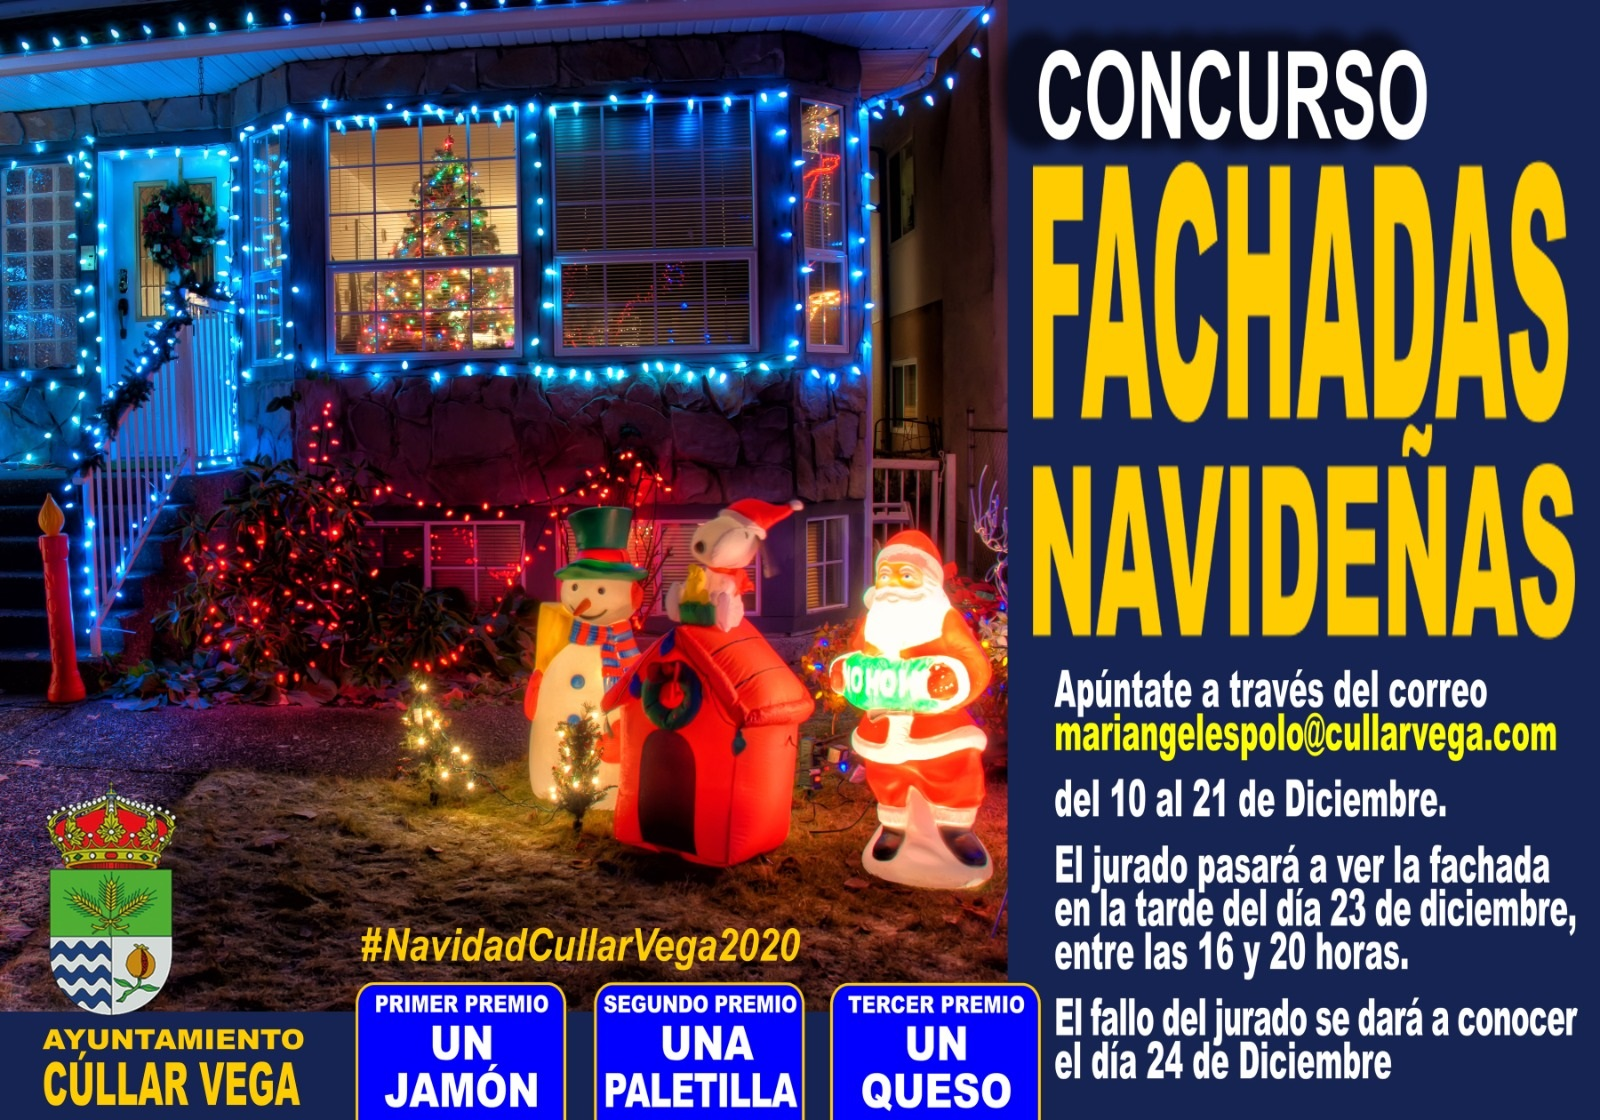 Concurso de fachadas navideñas